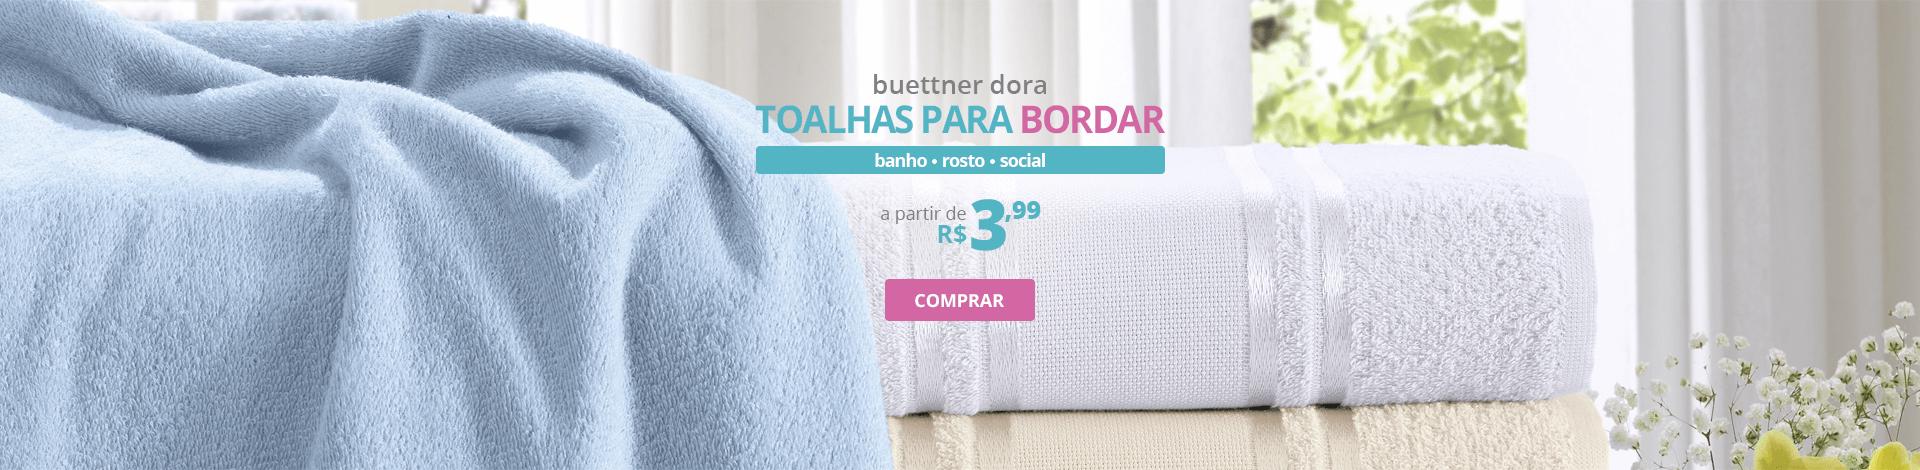 Toalhas para Bordar Buettner Dora - Banho, Rosto, Social | A partir de R$ 3,99 | Clube de Bordar | Compre Agora!